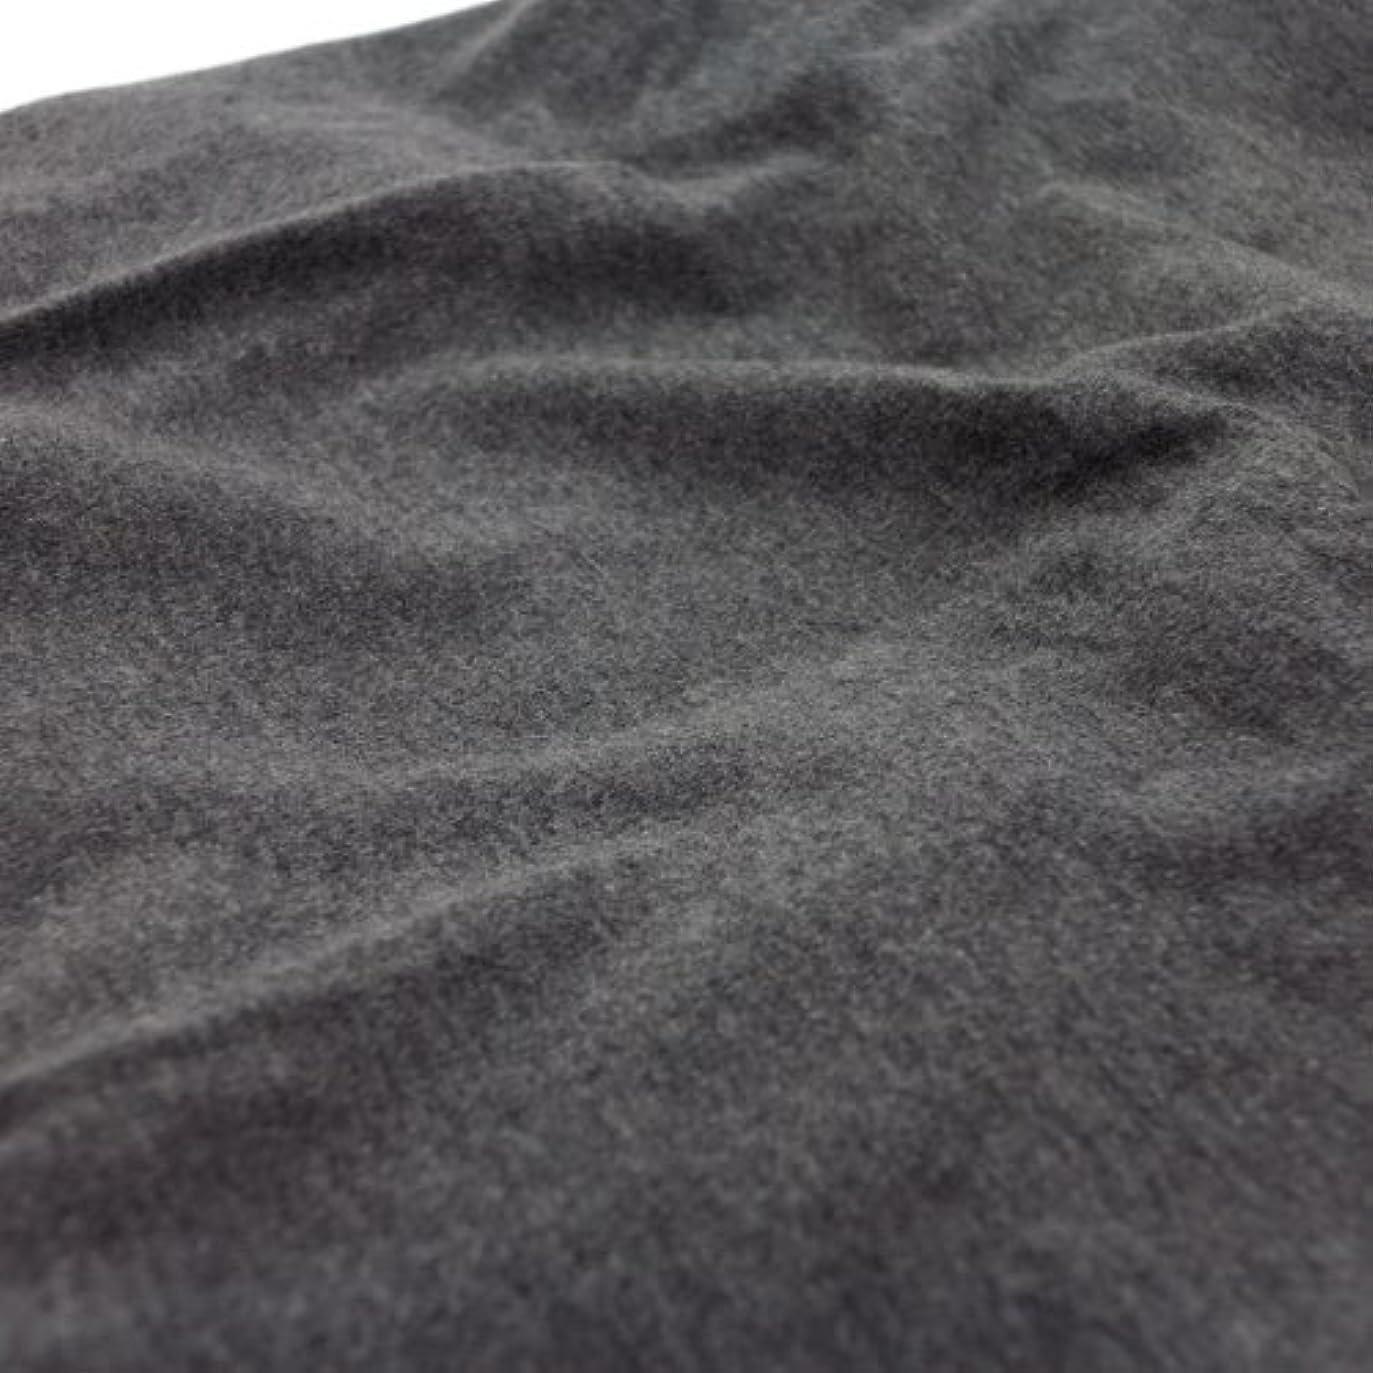 遠足隙間夕暮れ【スムースマットレスカバー】厚み15-25cm/幅160cm/ボックスタイプ/グレー[28040043]